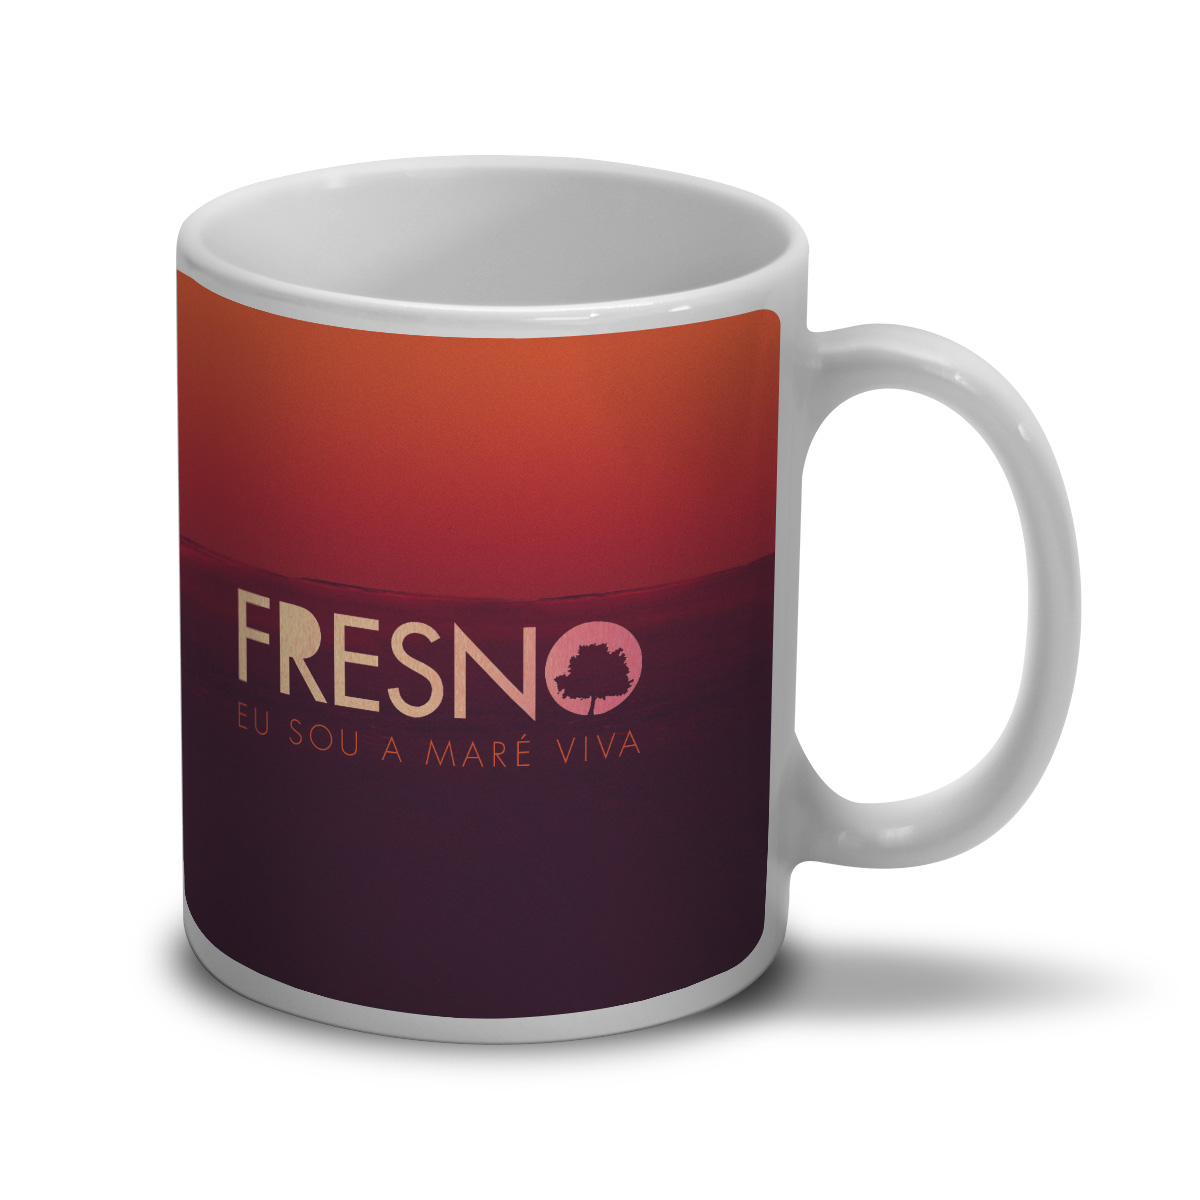 Caneca Fresno Capa EP